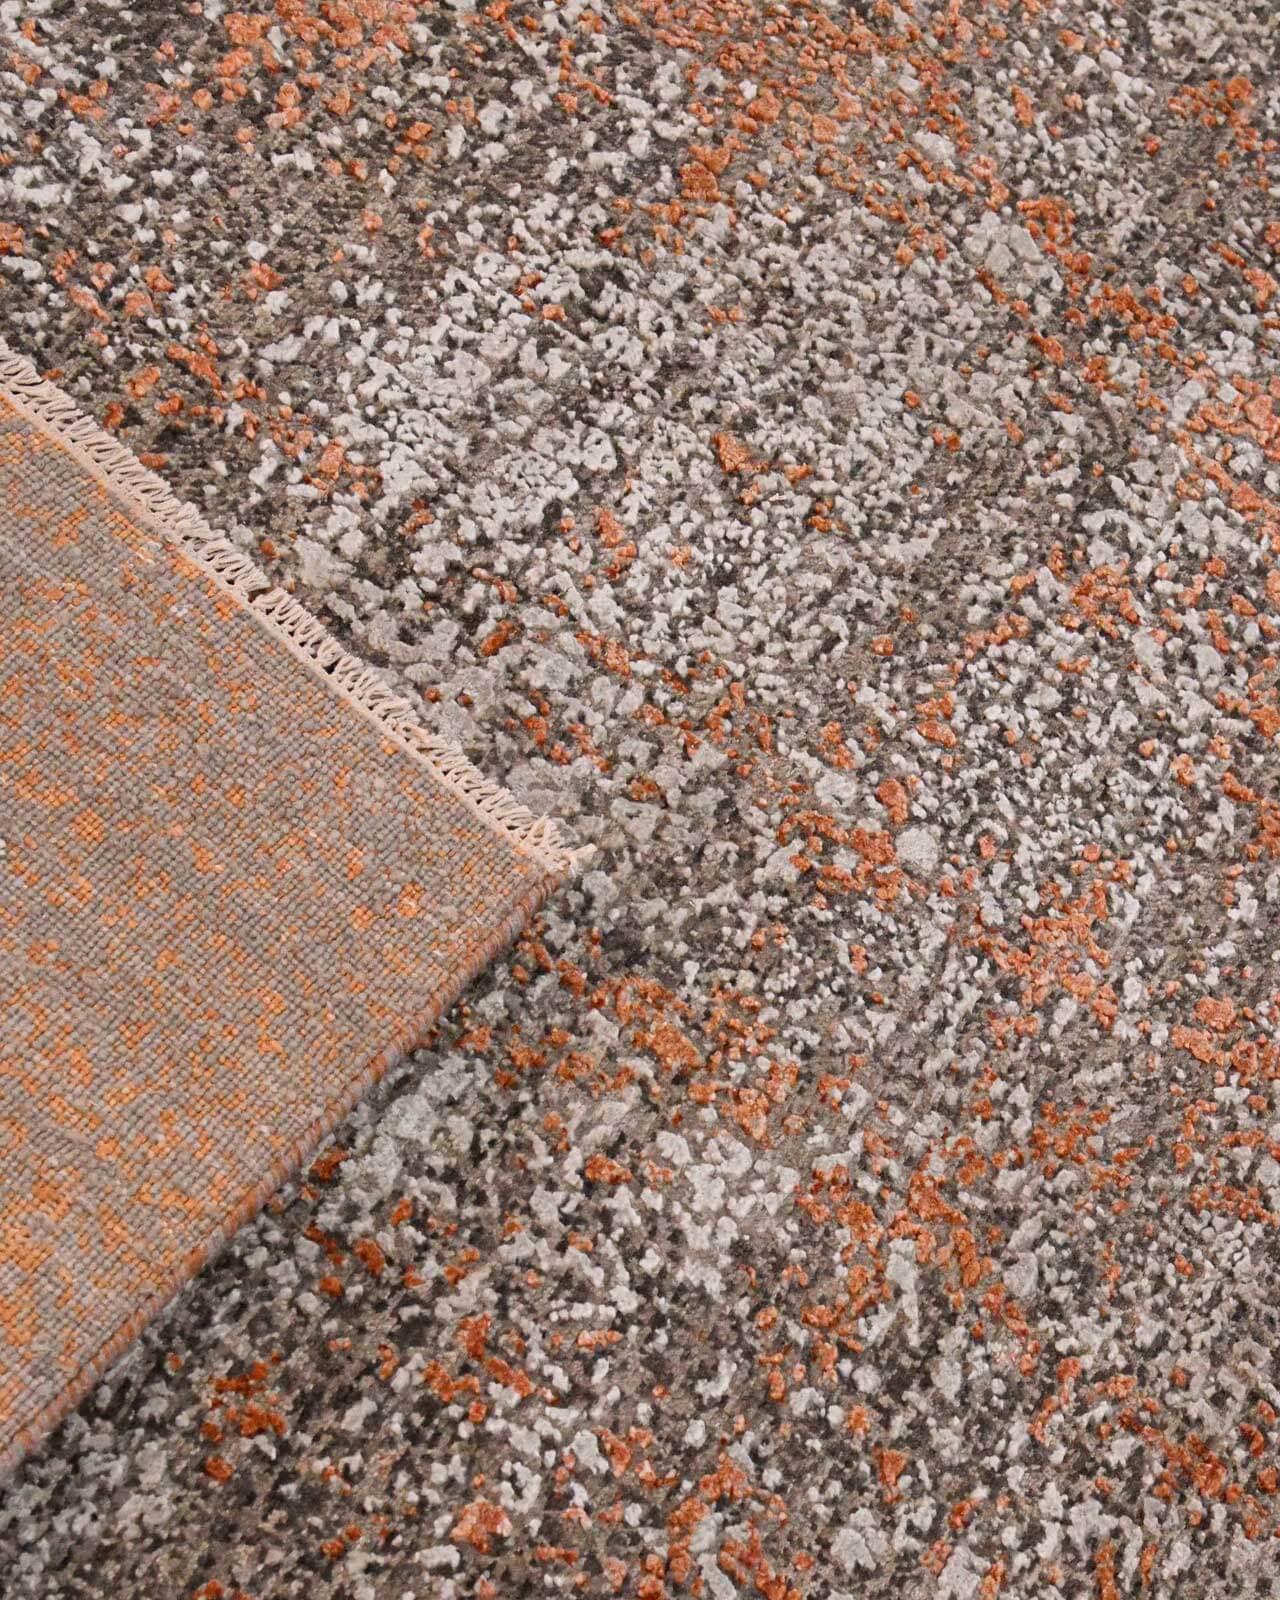 bentayga-design-tapijt-luxe-moderne-exclusieve-design-tapijten-luxe-vloerkleden-zijde-roest-goud-oranje-creme-300x241-koreman-maastricht-4253-hoek